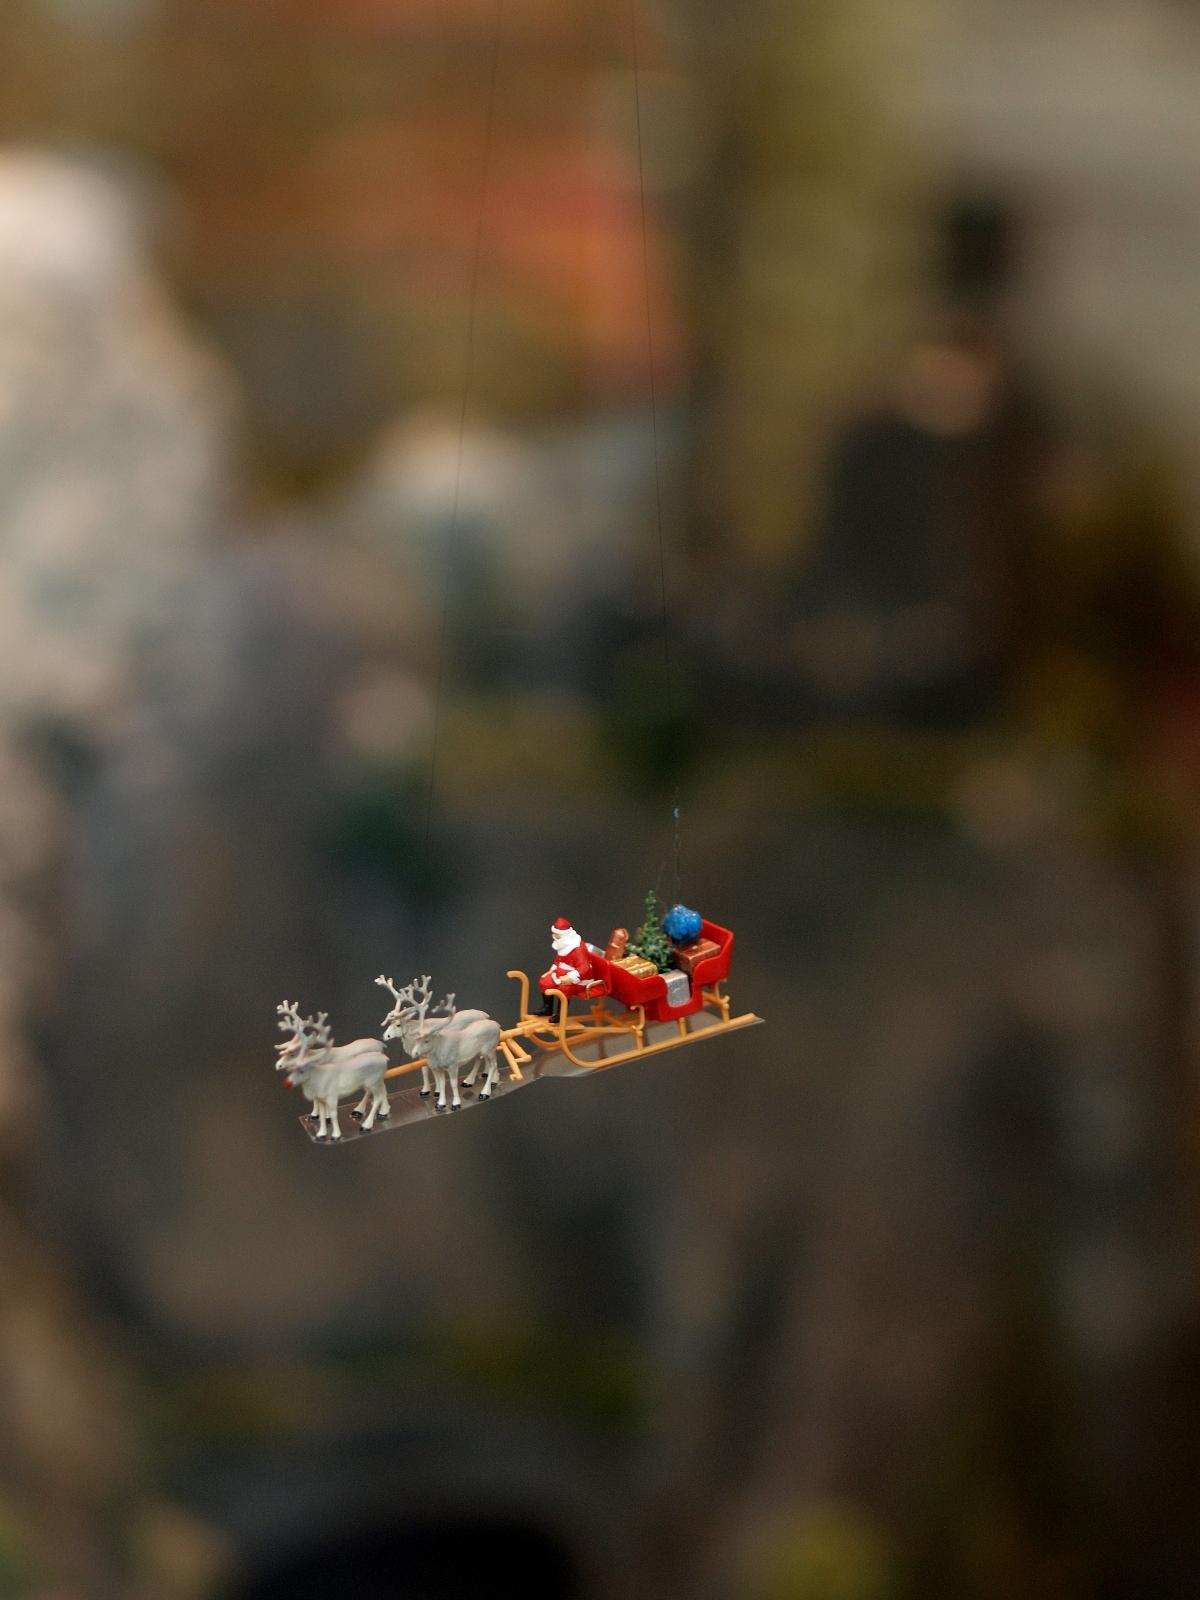 聖誕節應景照片